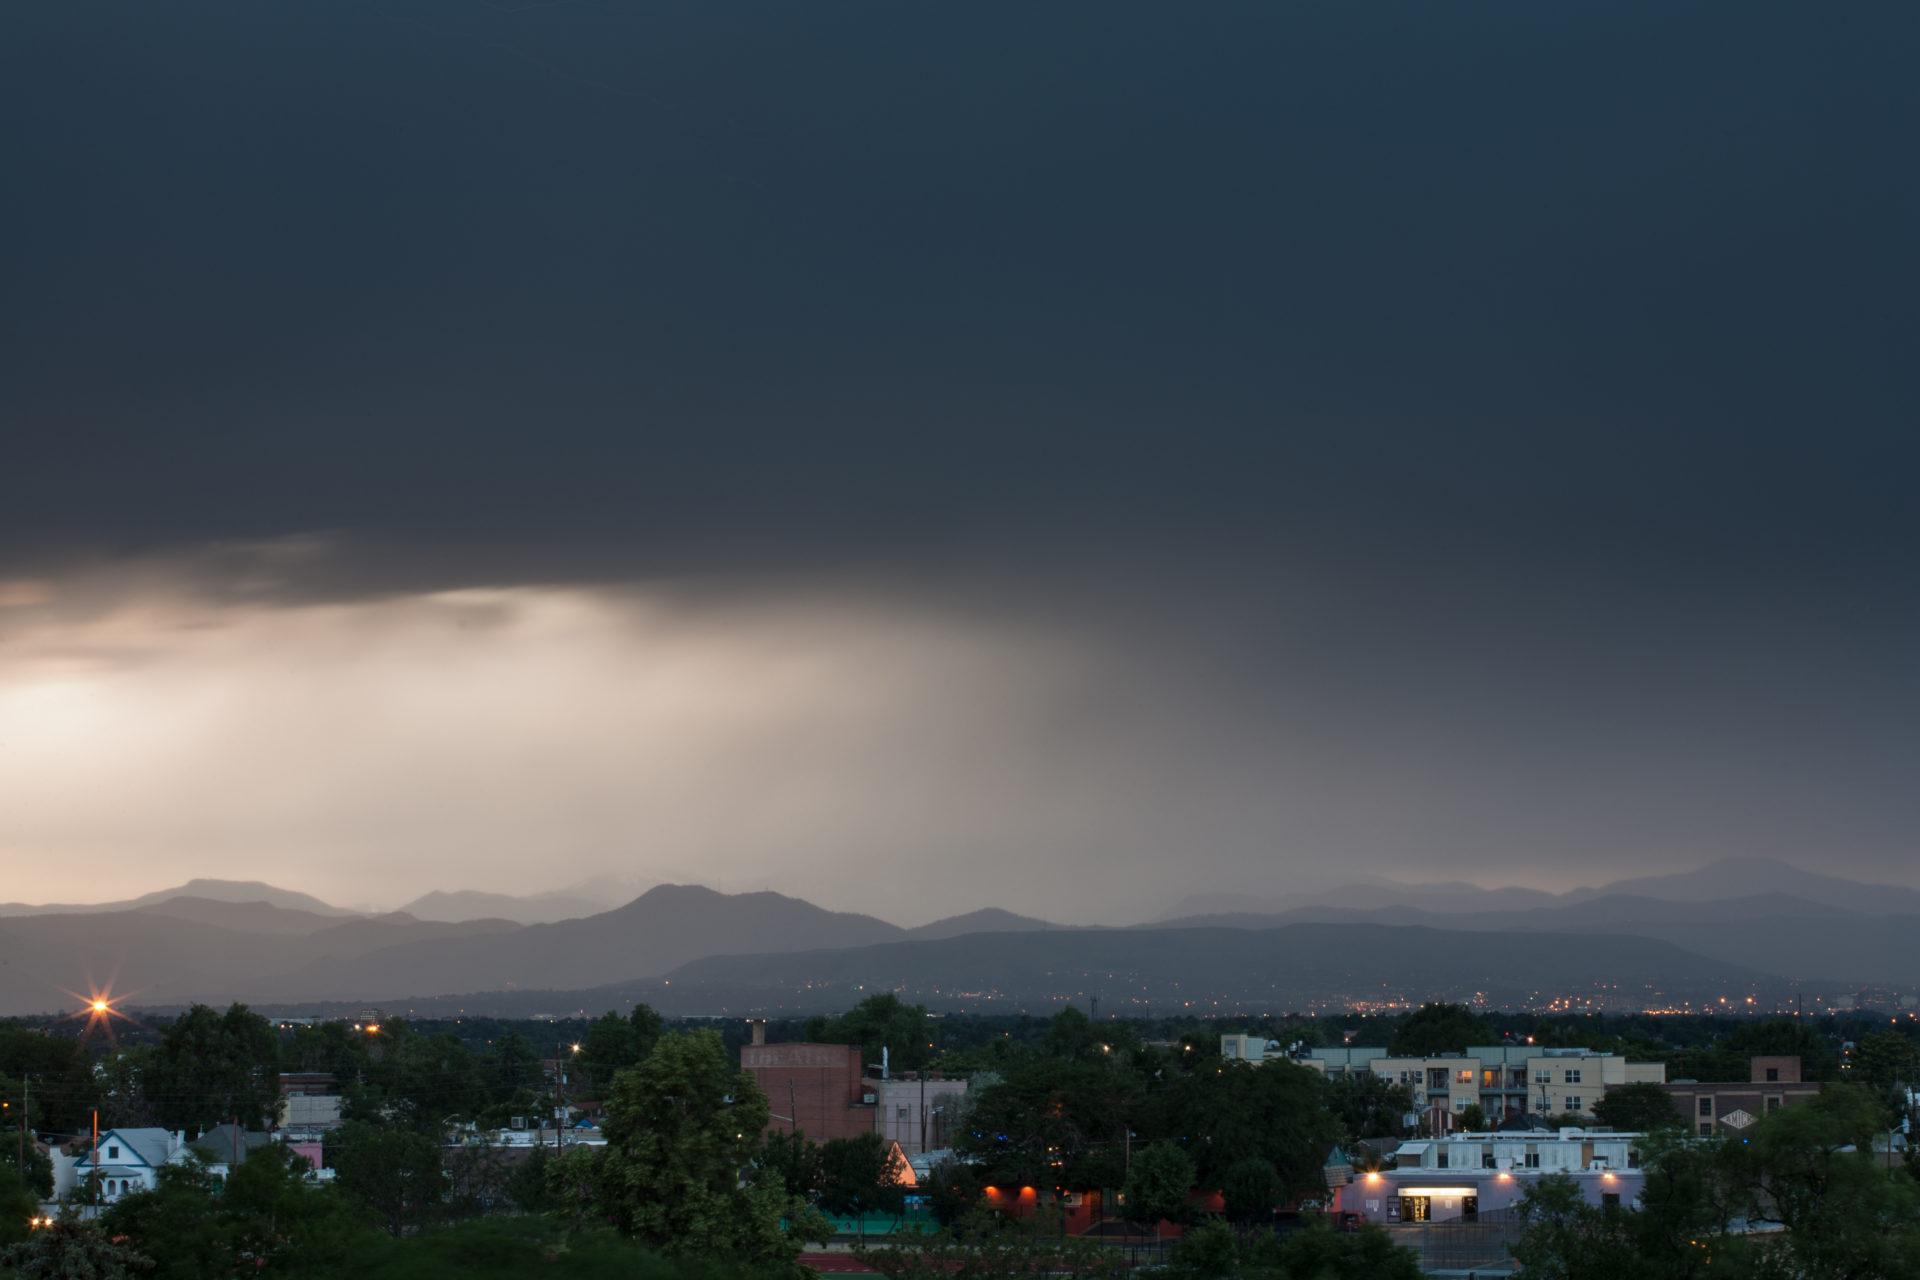 Mount Evans obscured at sunset - June 30, 2011